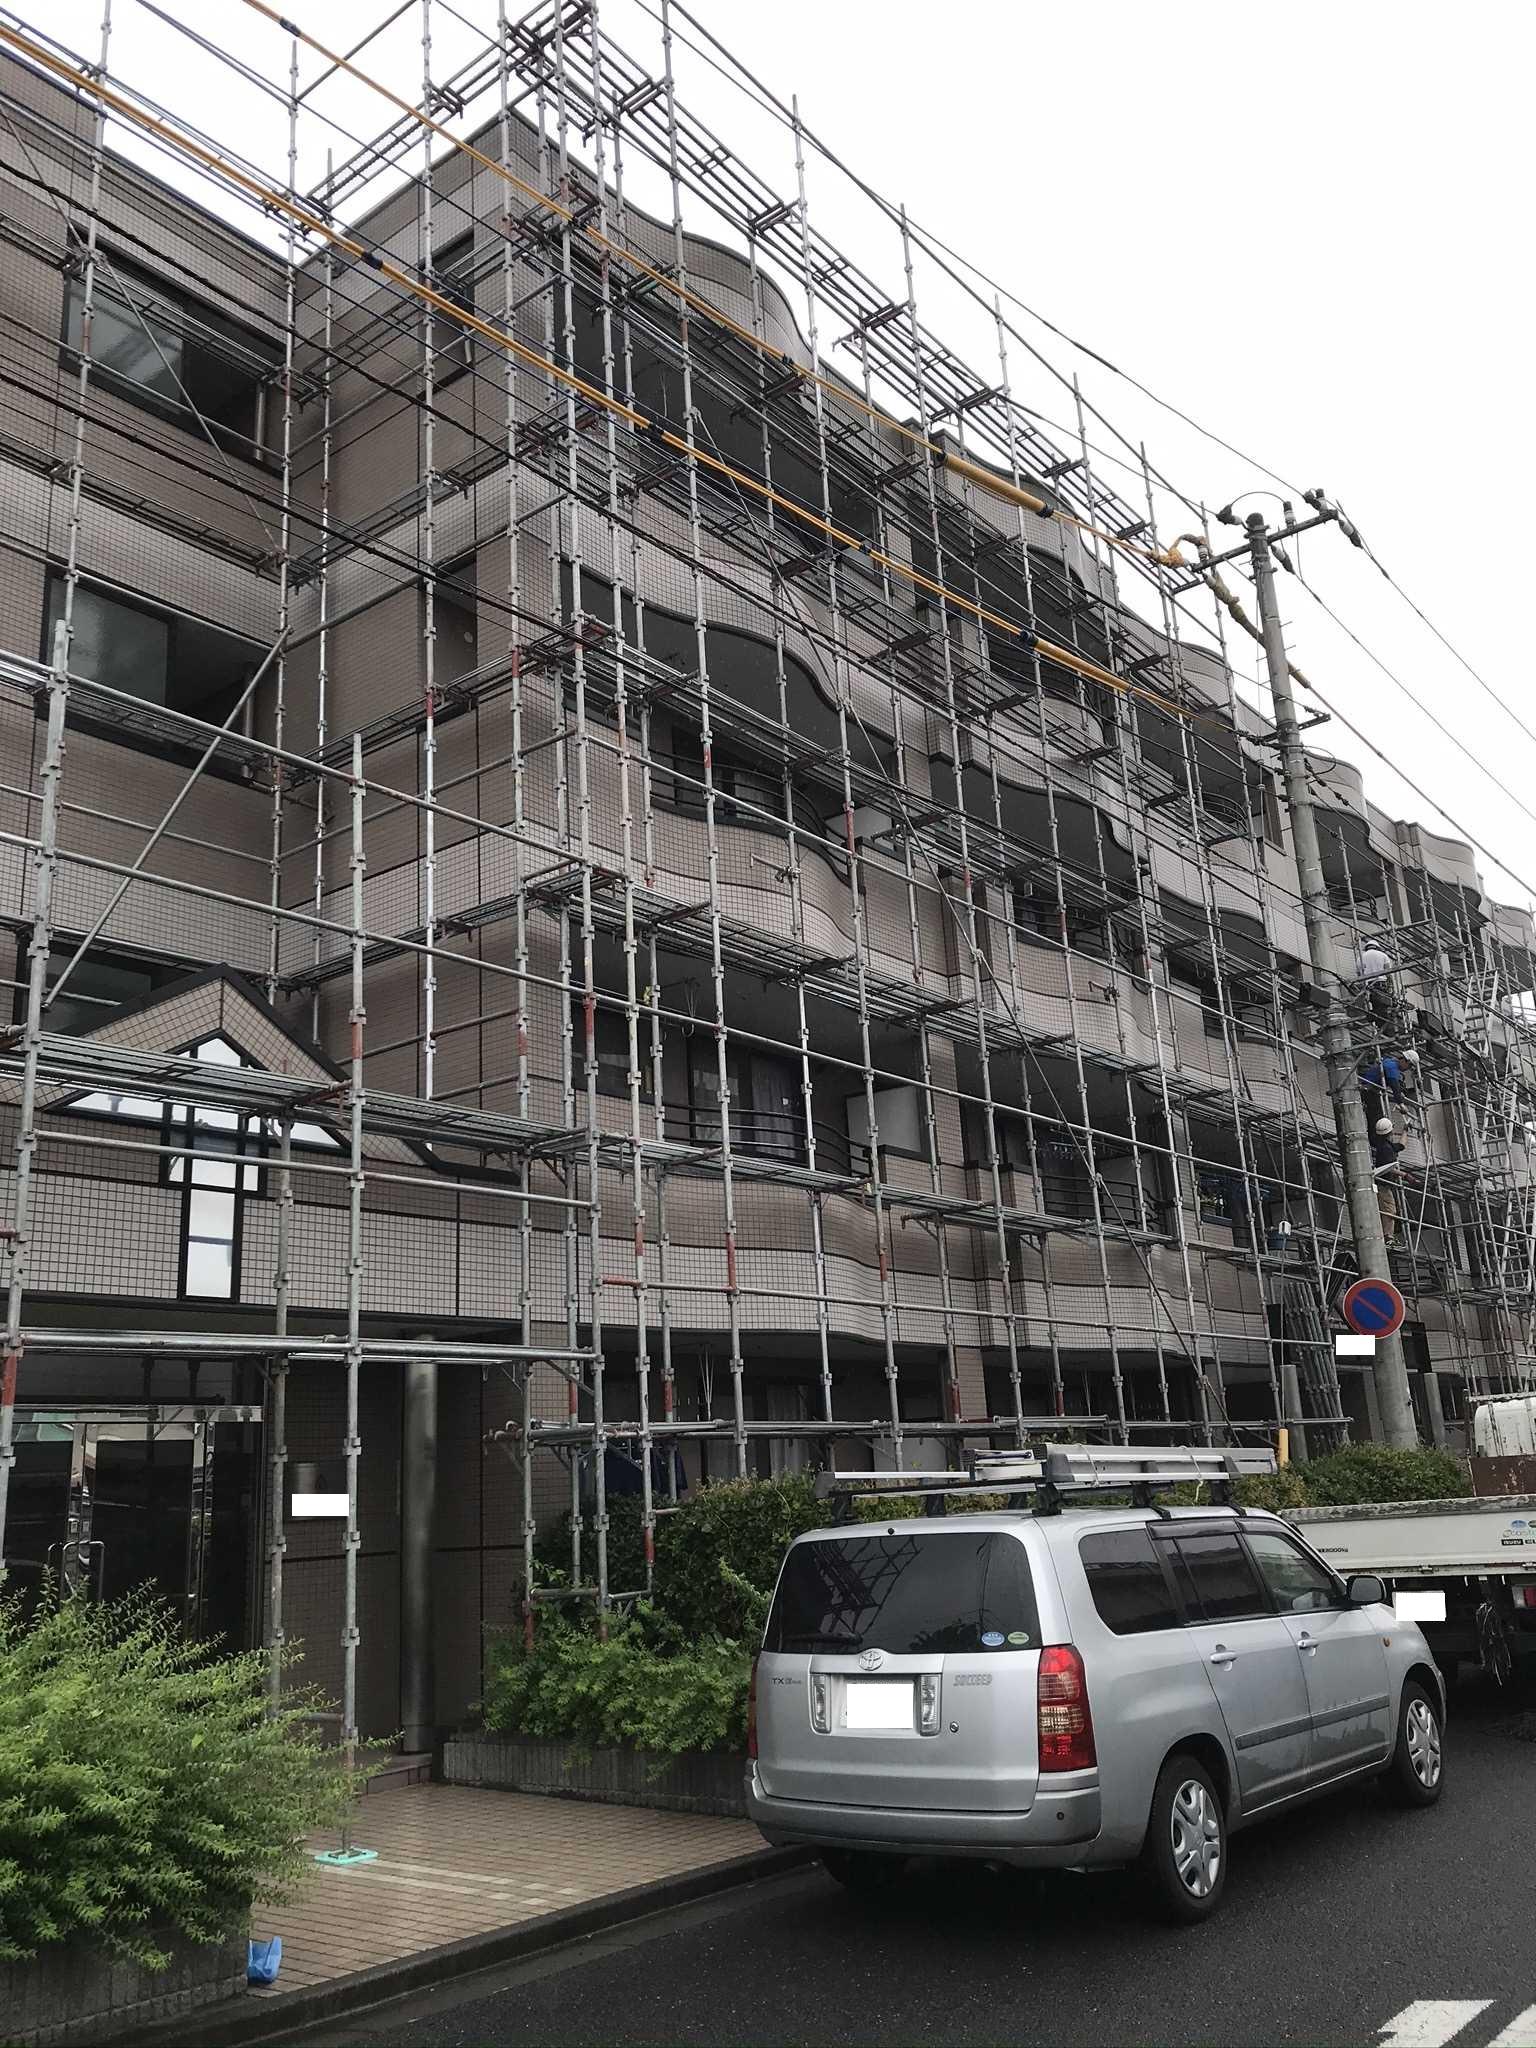 さいたま市北区マンション外壁タイル補修及び塗装工事終了し足場解体と清掃です